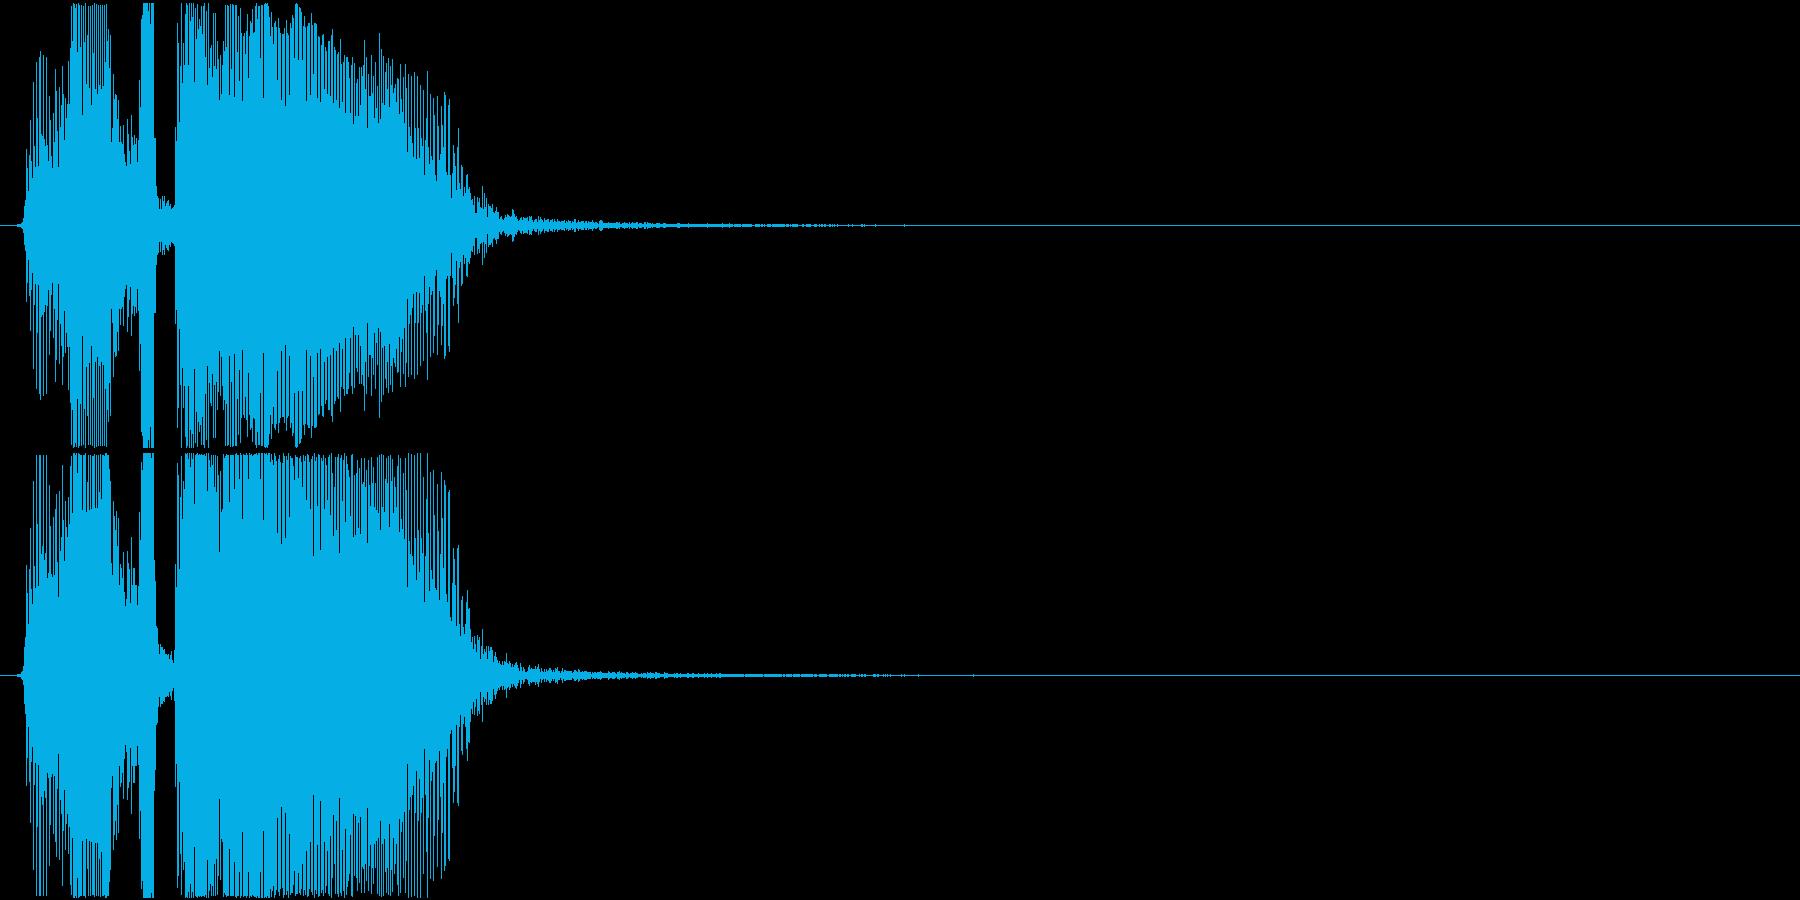 「レッツゴ―」アプリ・ゲーム用の再生済みの波形